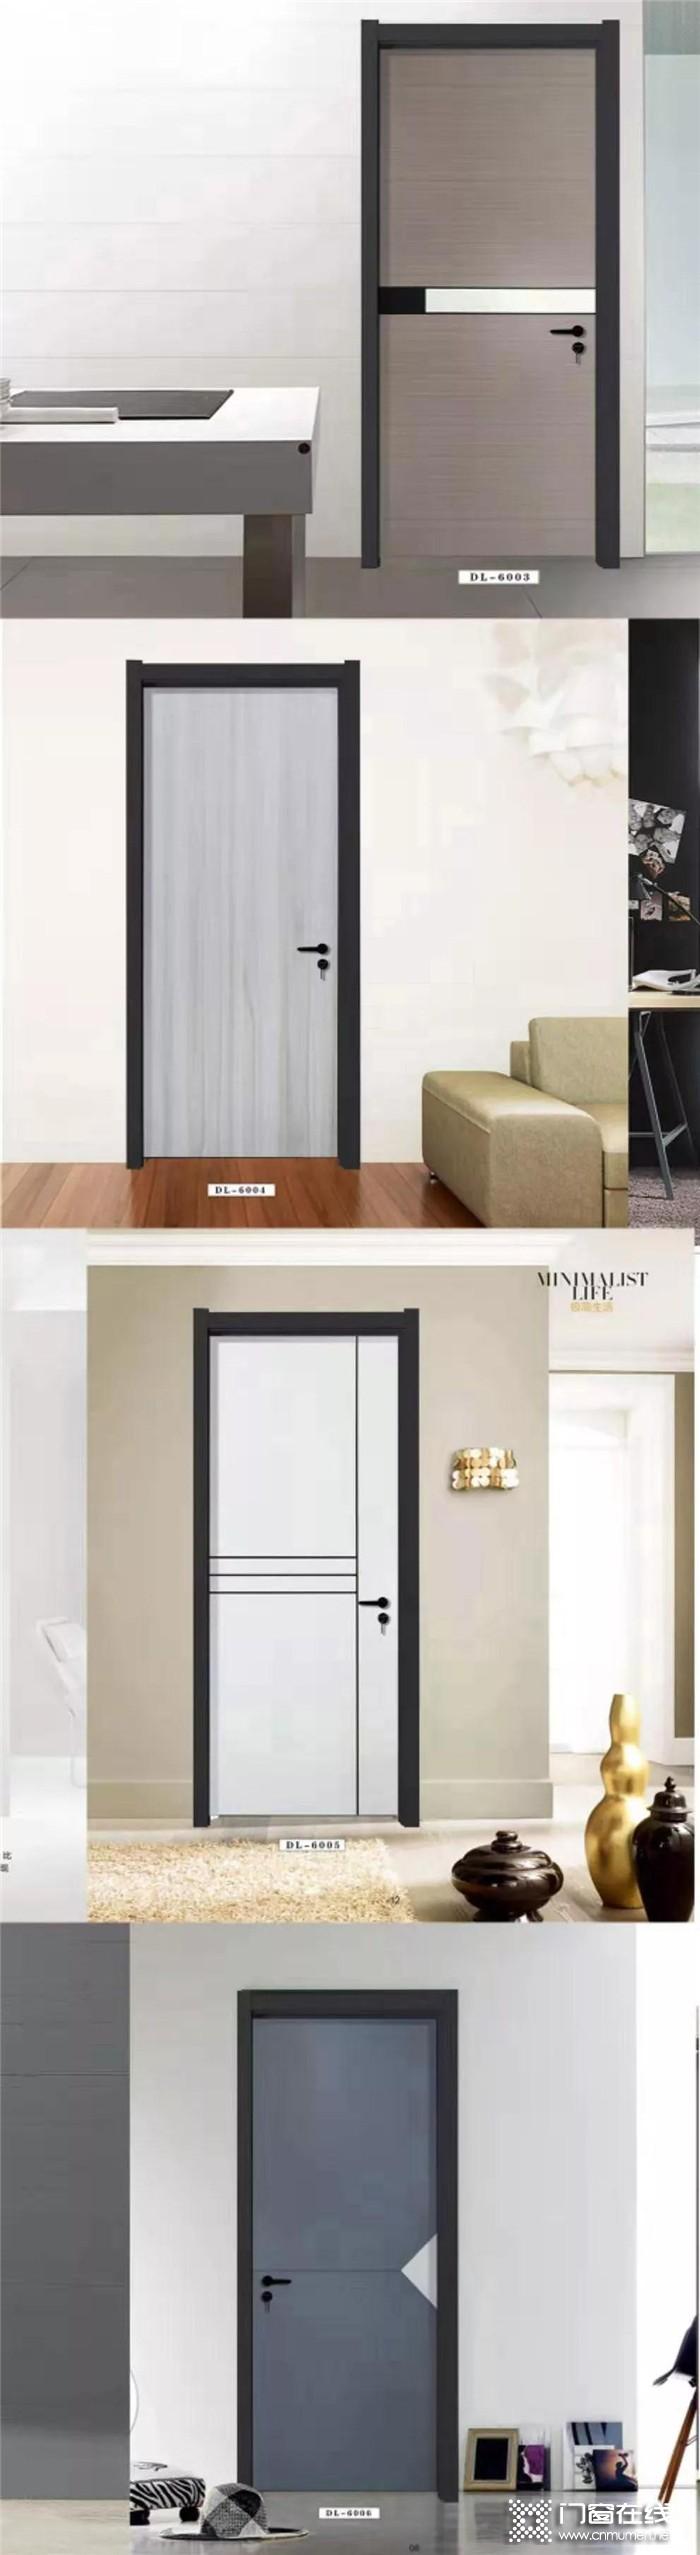 帝奥斯德式零漆木门,满足视觉和生活的需求